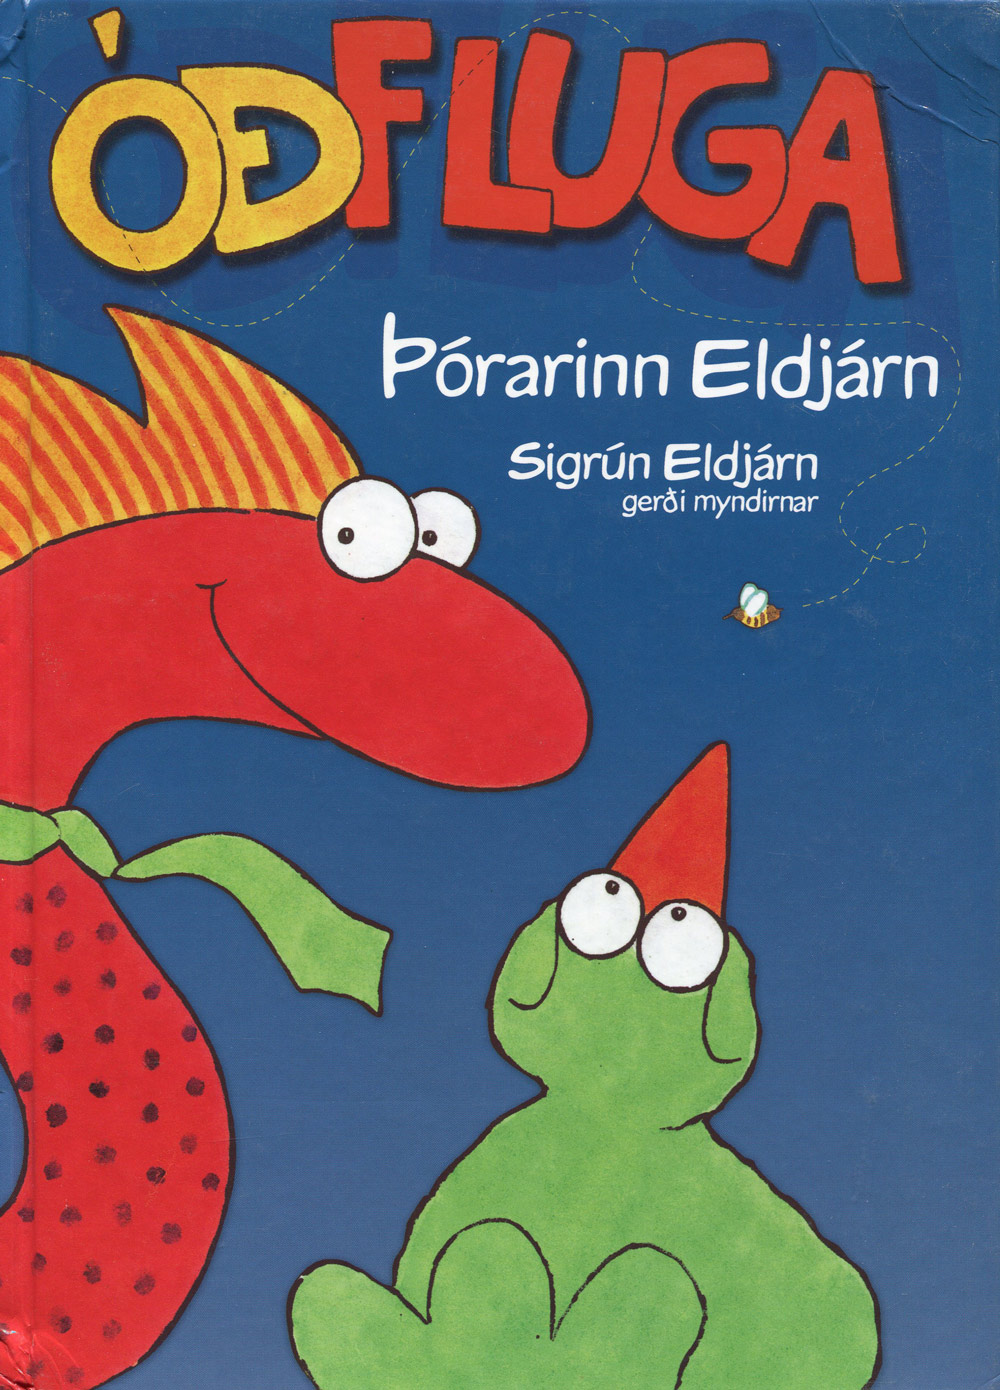 Óðfluga (2000) kápumynd